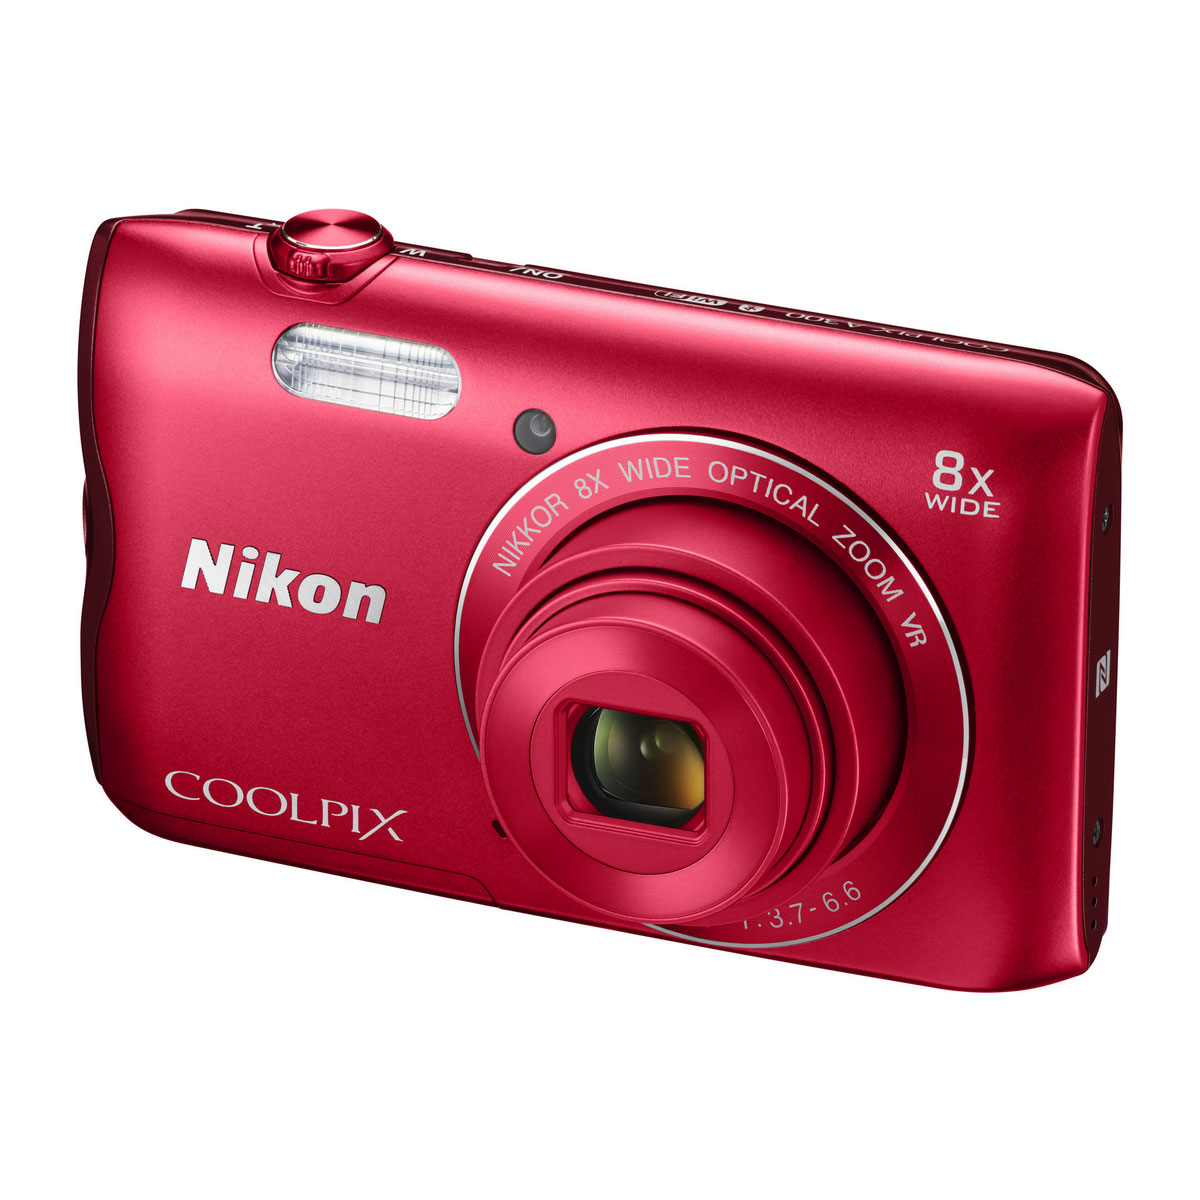 nikon coolpix a300 rouge appareil photo num rique nikon sur ldlc. Black Bedroom Furniture Sets. Home Design Ideas